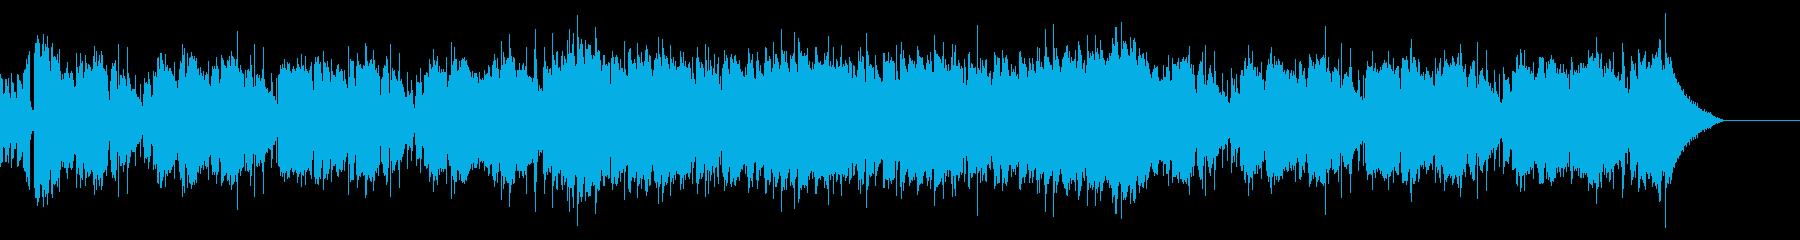 夏・Youtube映像・おしゃれ・レゲエの再生済みの波形